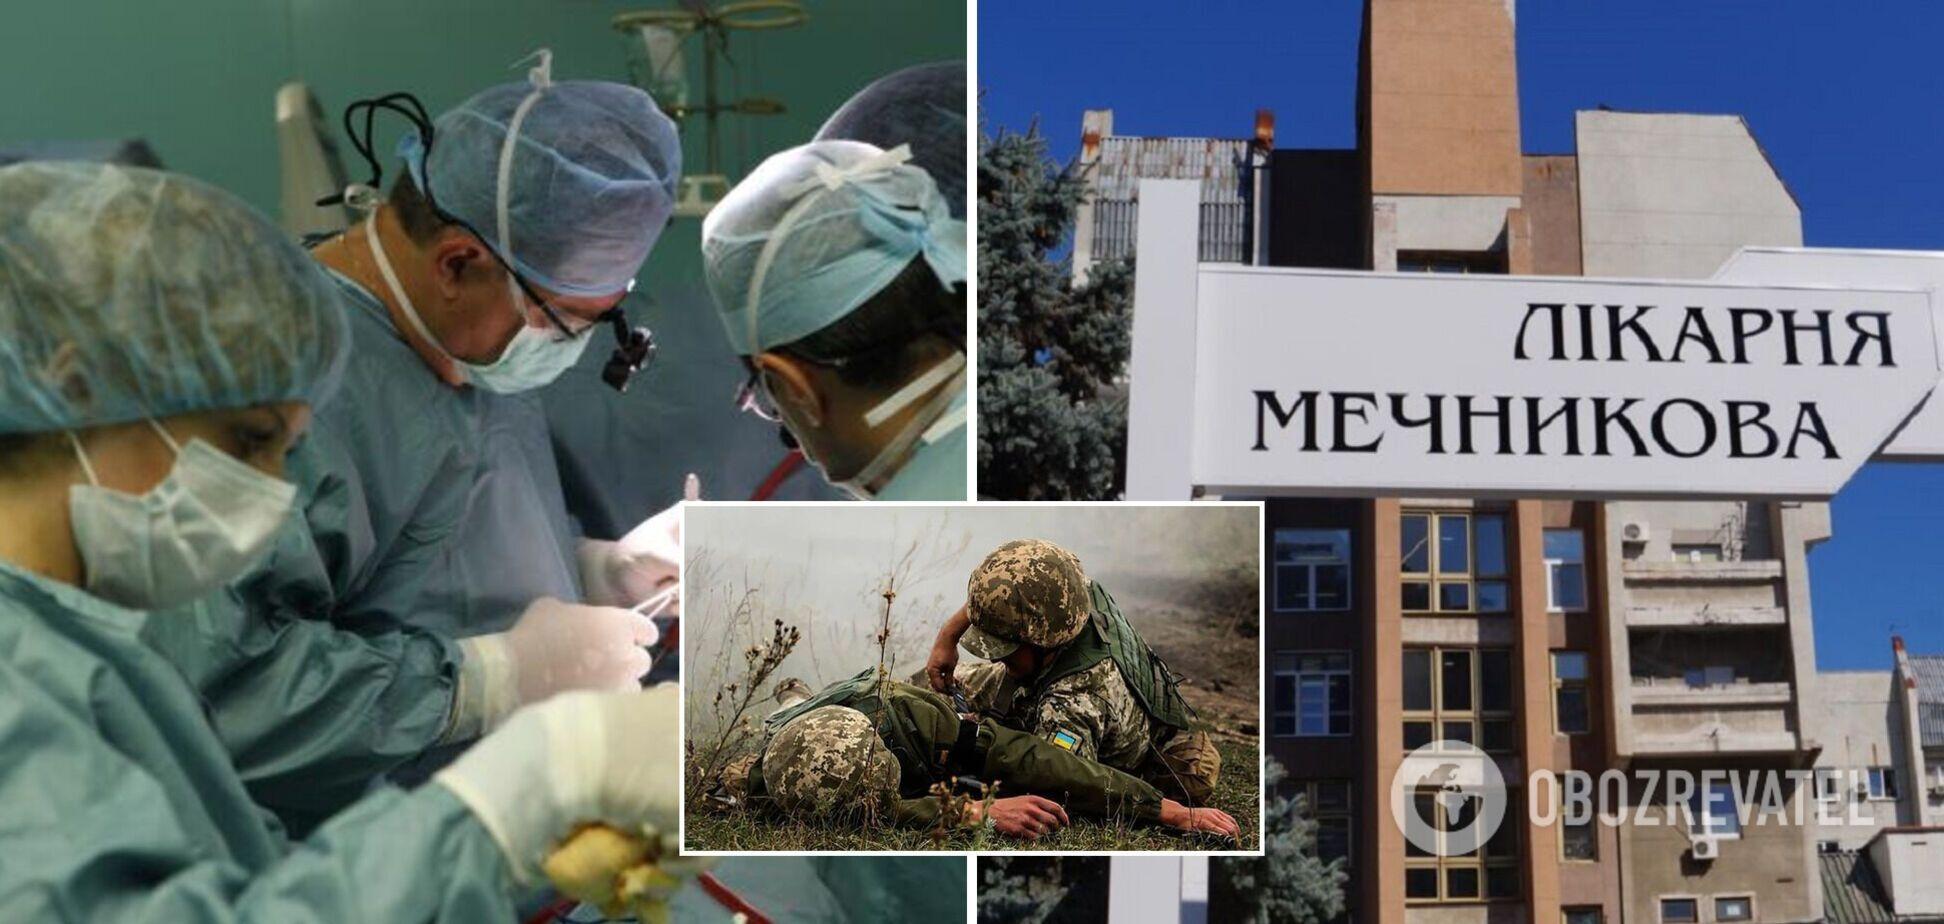 У Дніпрі медики рятують пораненого на Донбасі бійця: куля снайпера прошила йому голову наскрізь